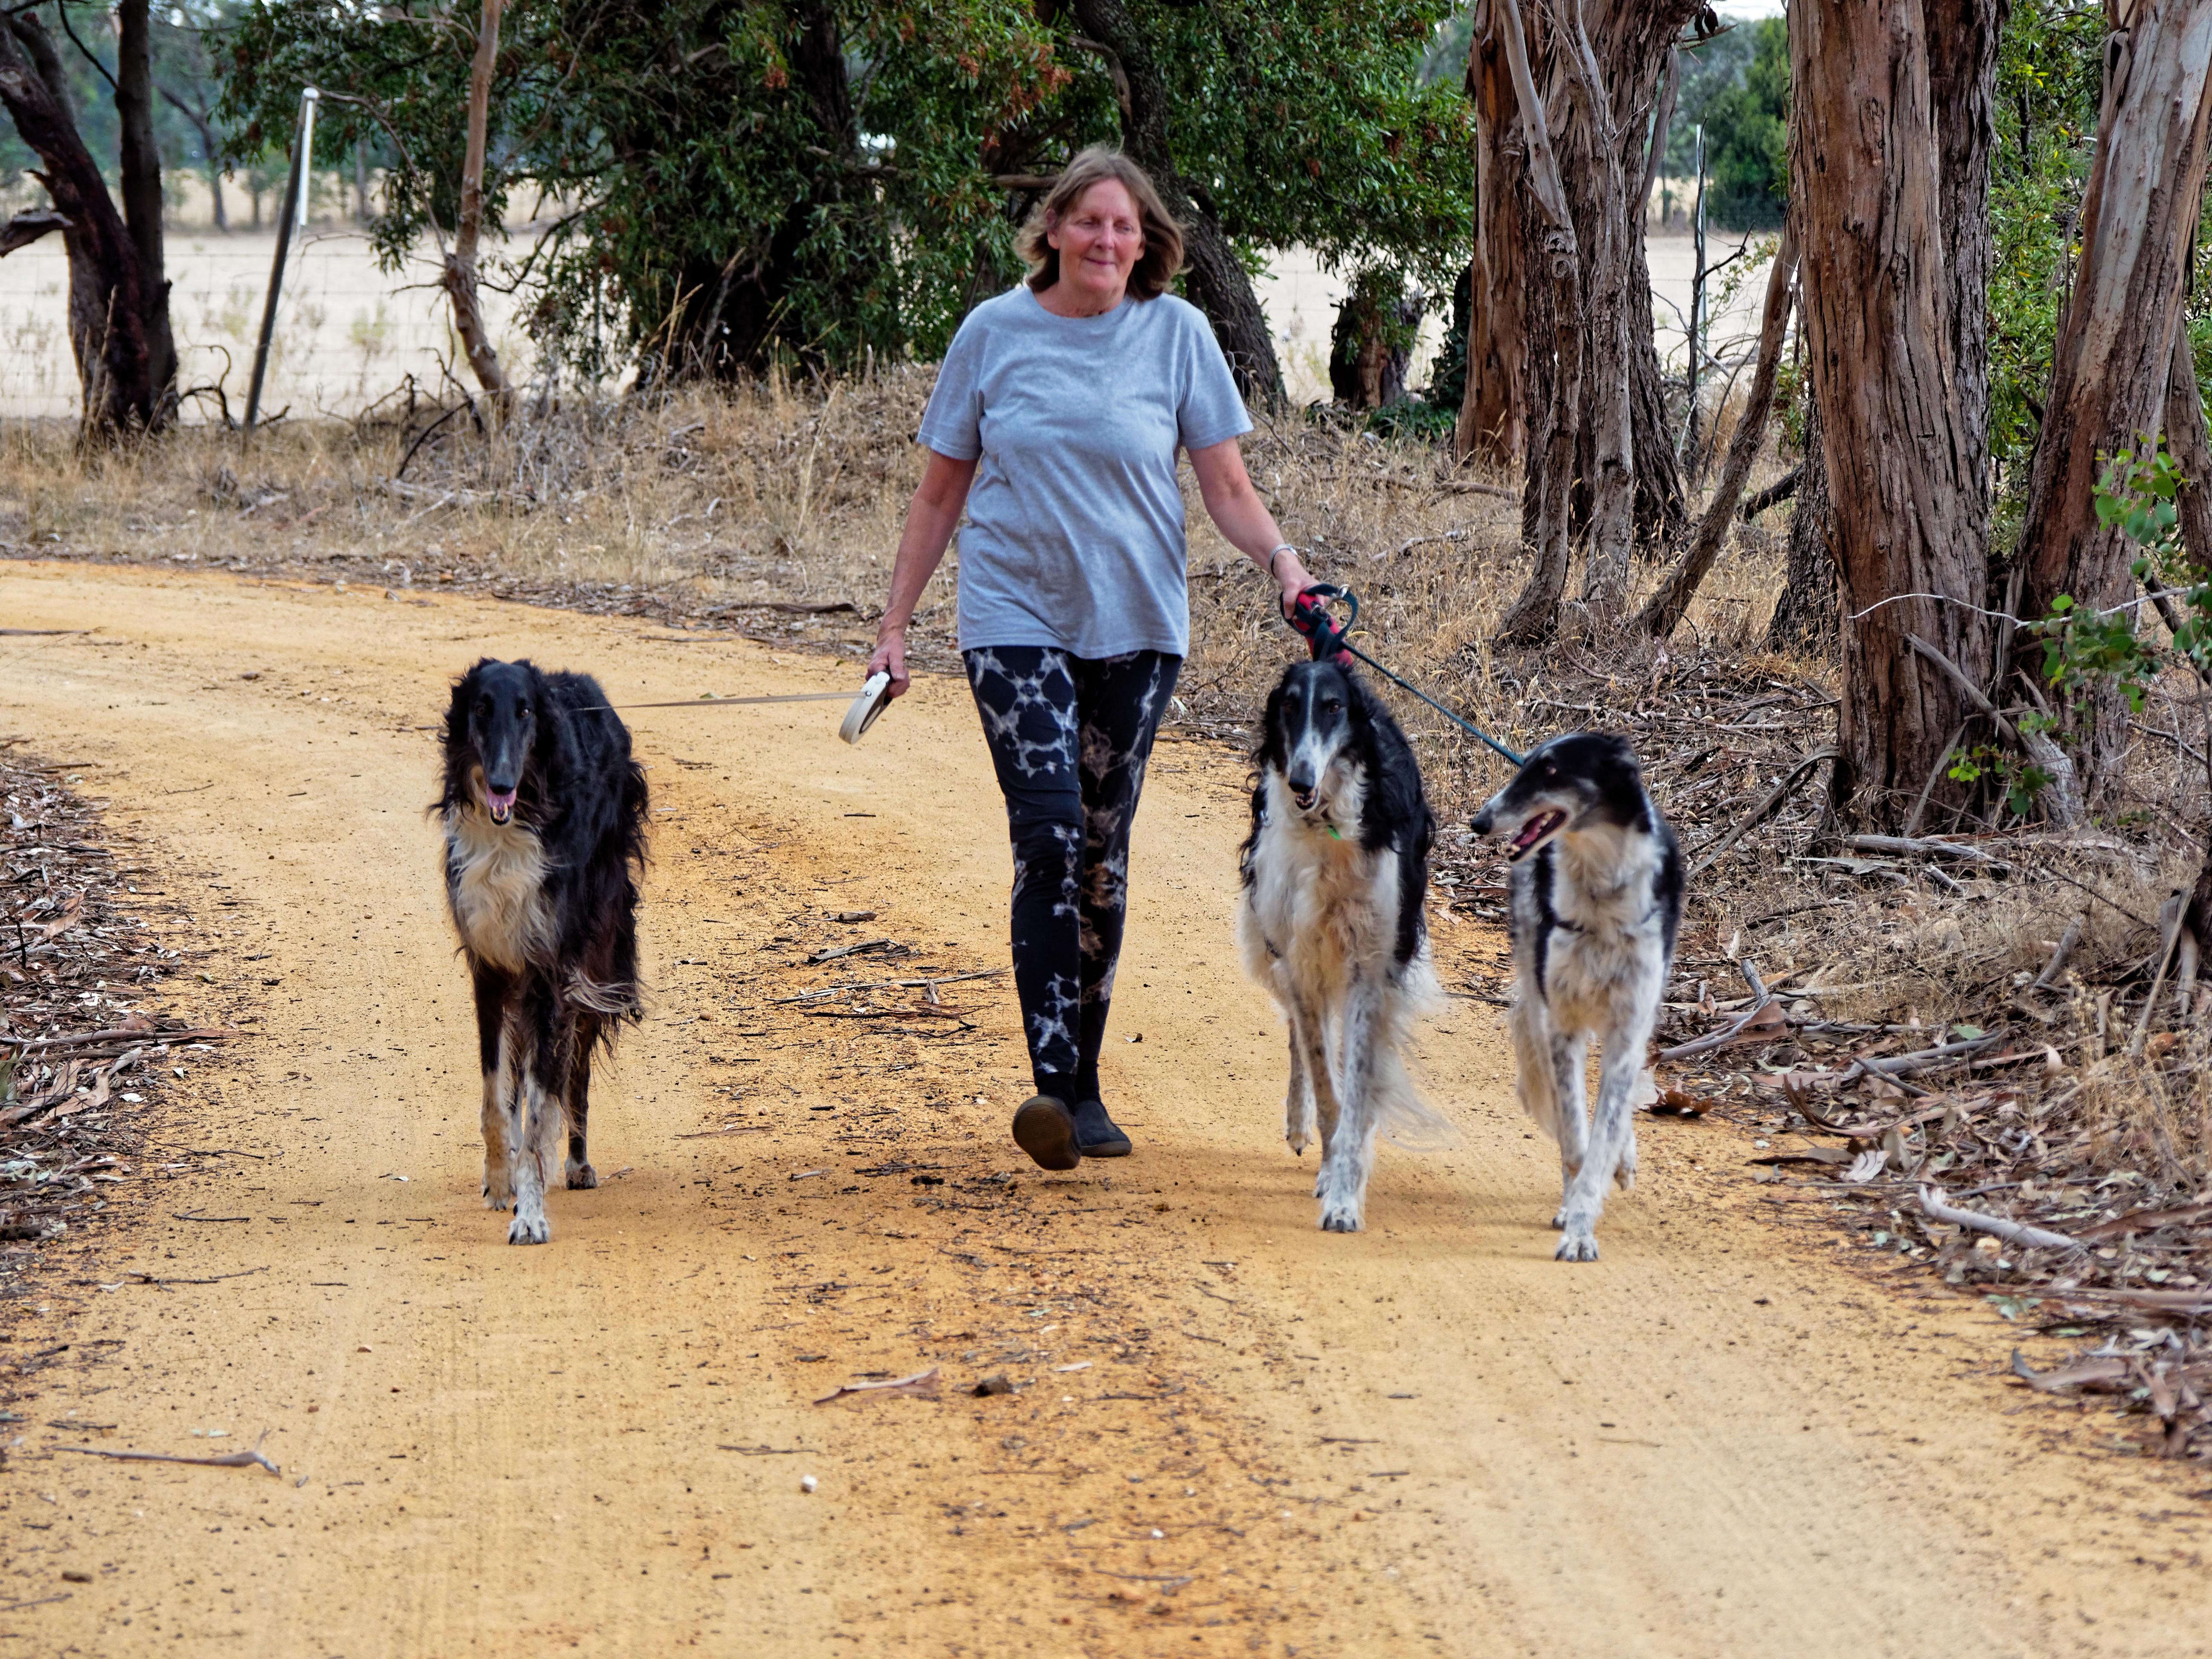 Walking-dogs-90.jpeg